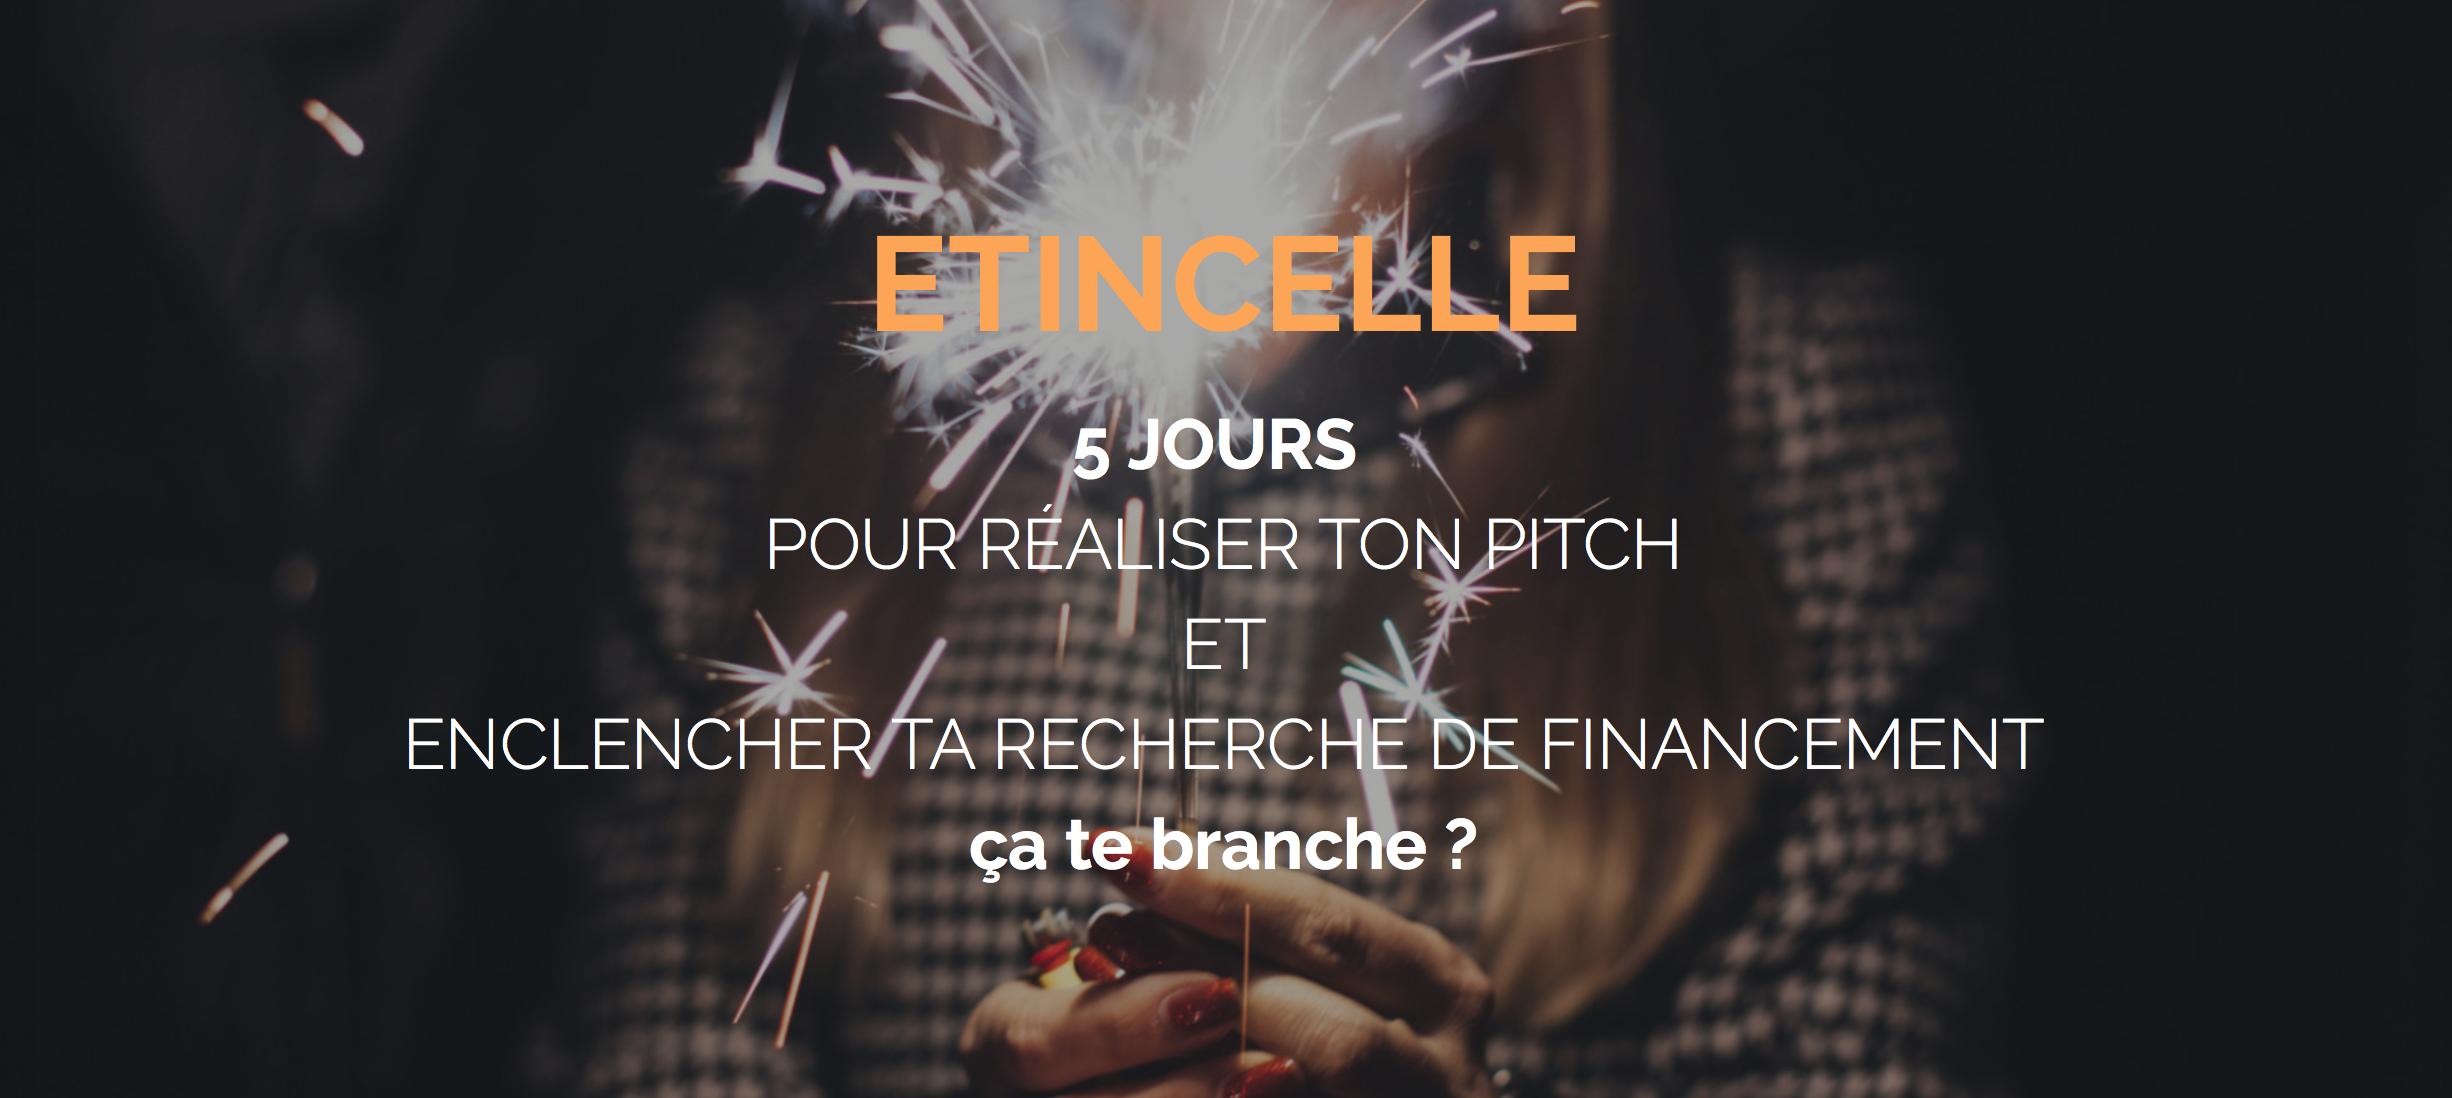 ETINCELLE - Description